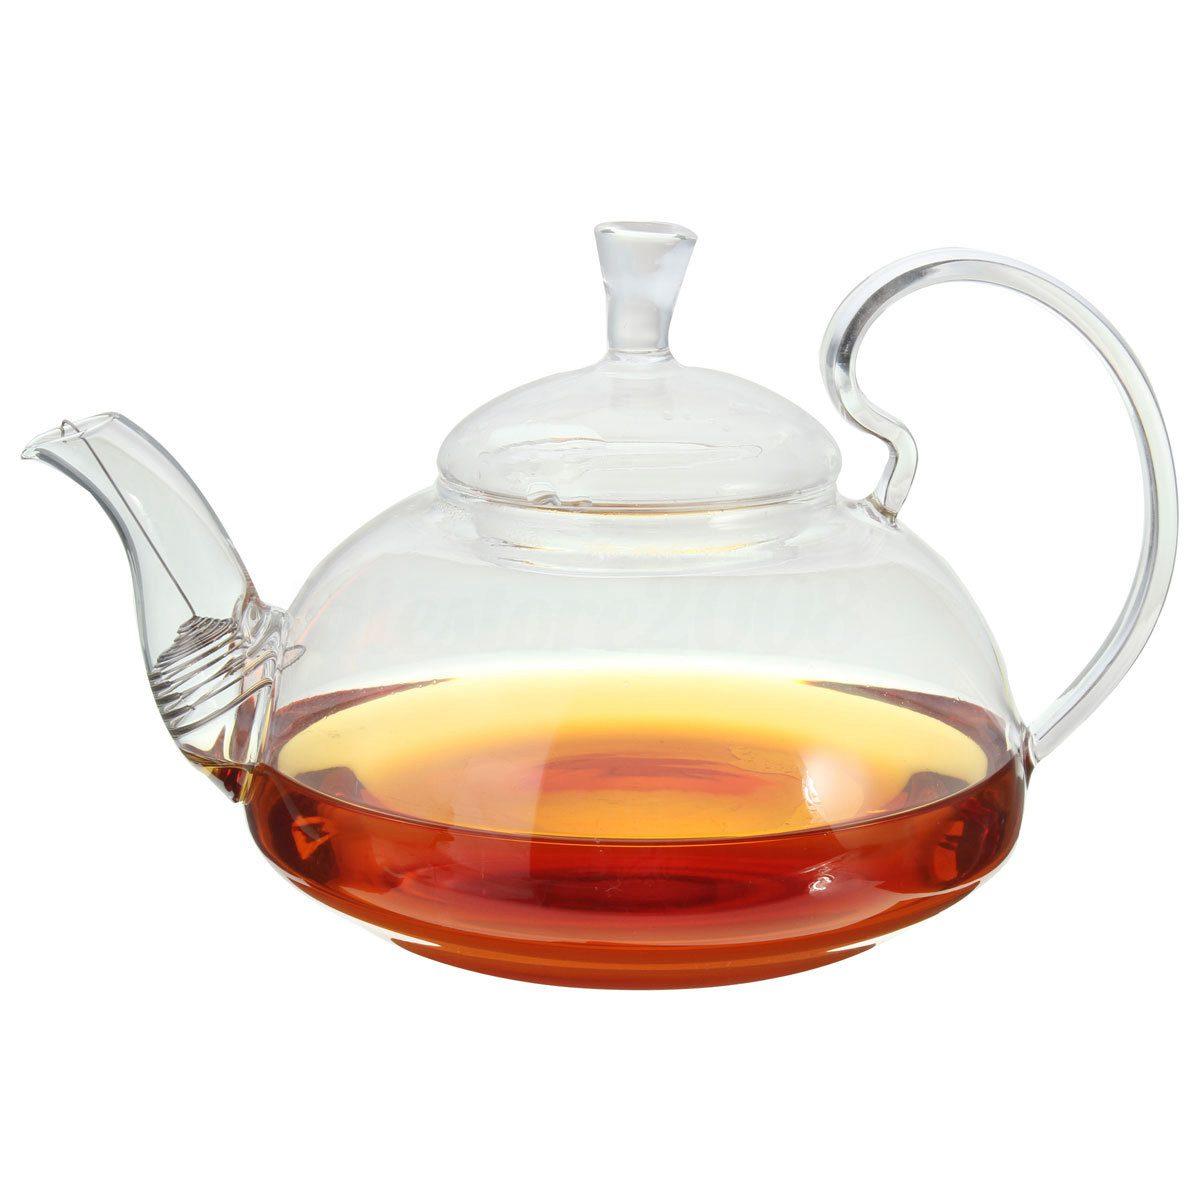 Высококачественный термостойкий стеклянный чайник чайный набор кунг фу ПУ 800 мл